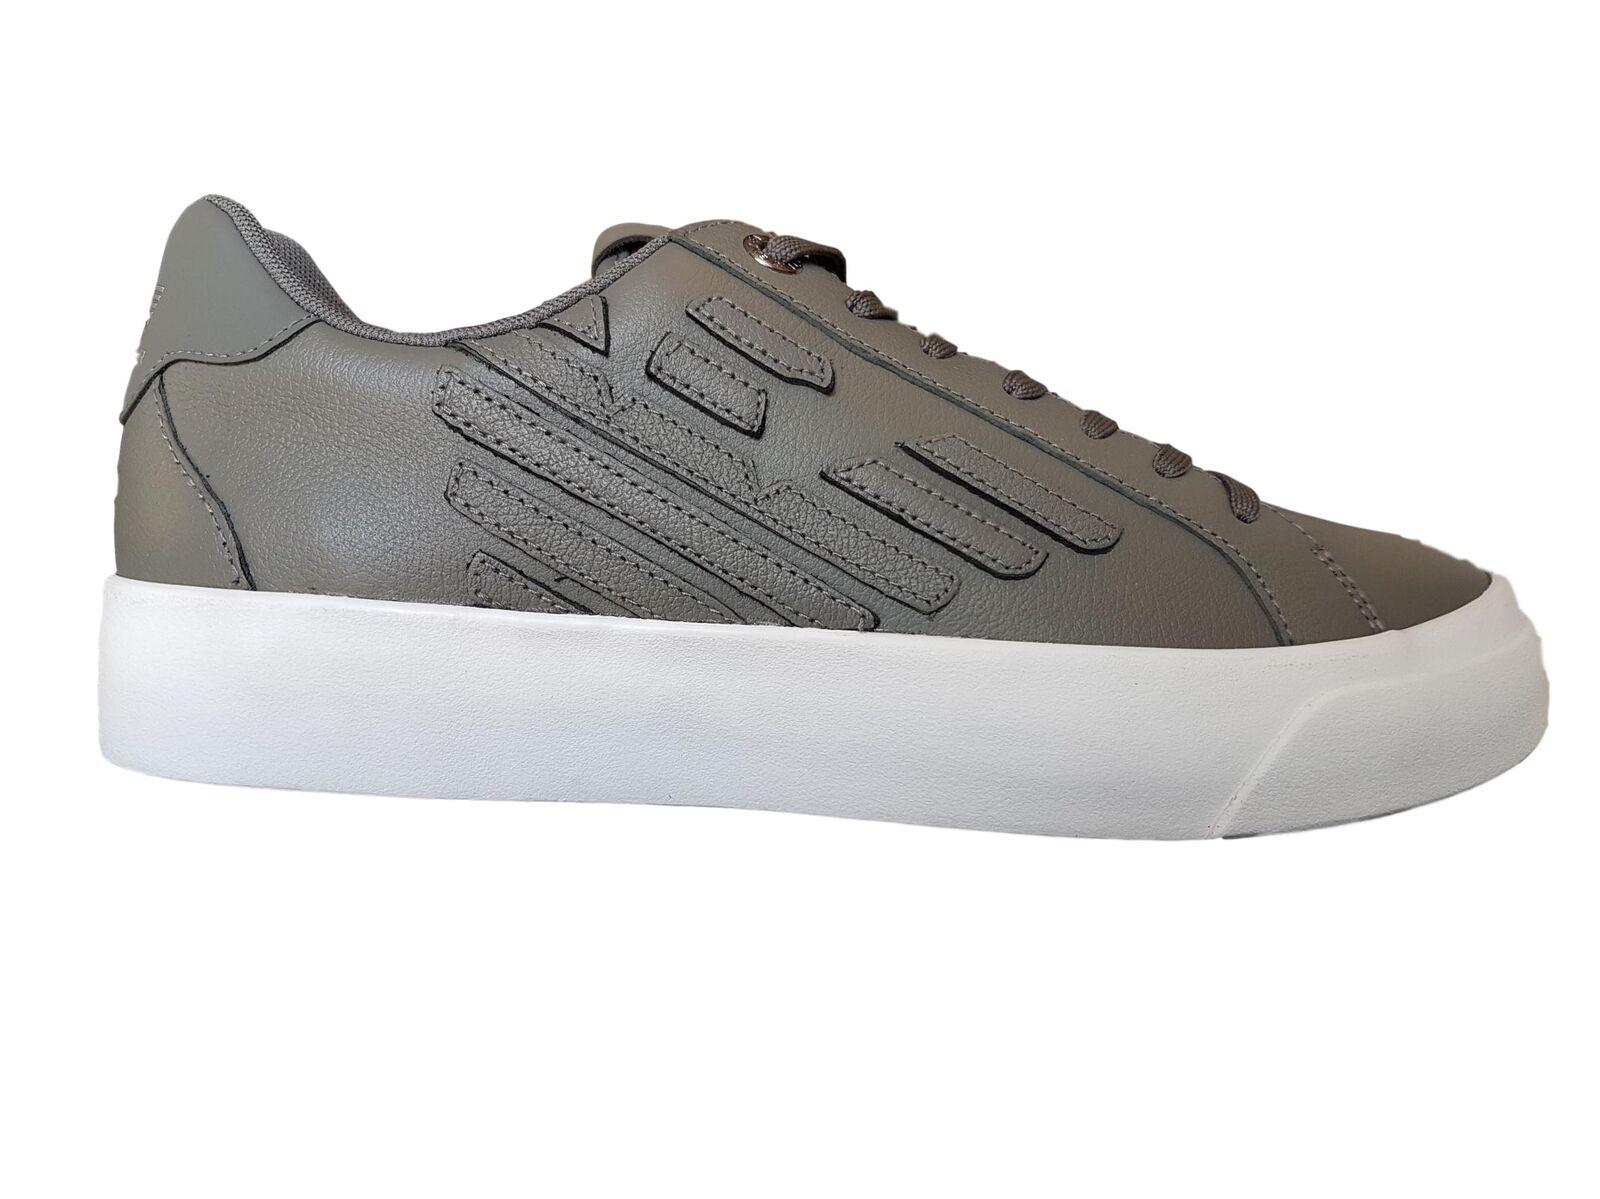 Schuhe EA7 Emporio Armani 7 EA Herren X8X004 Niedrige Turnschuhe Graues Leder Sp